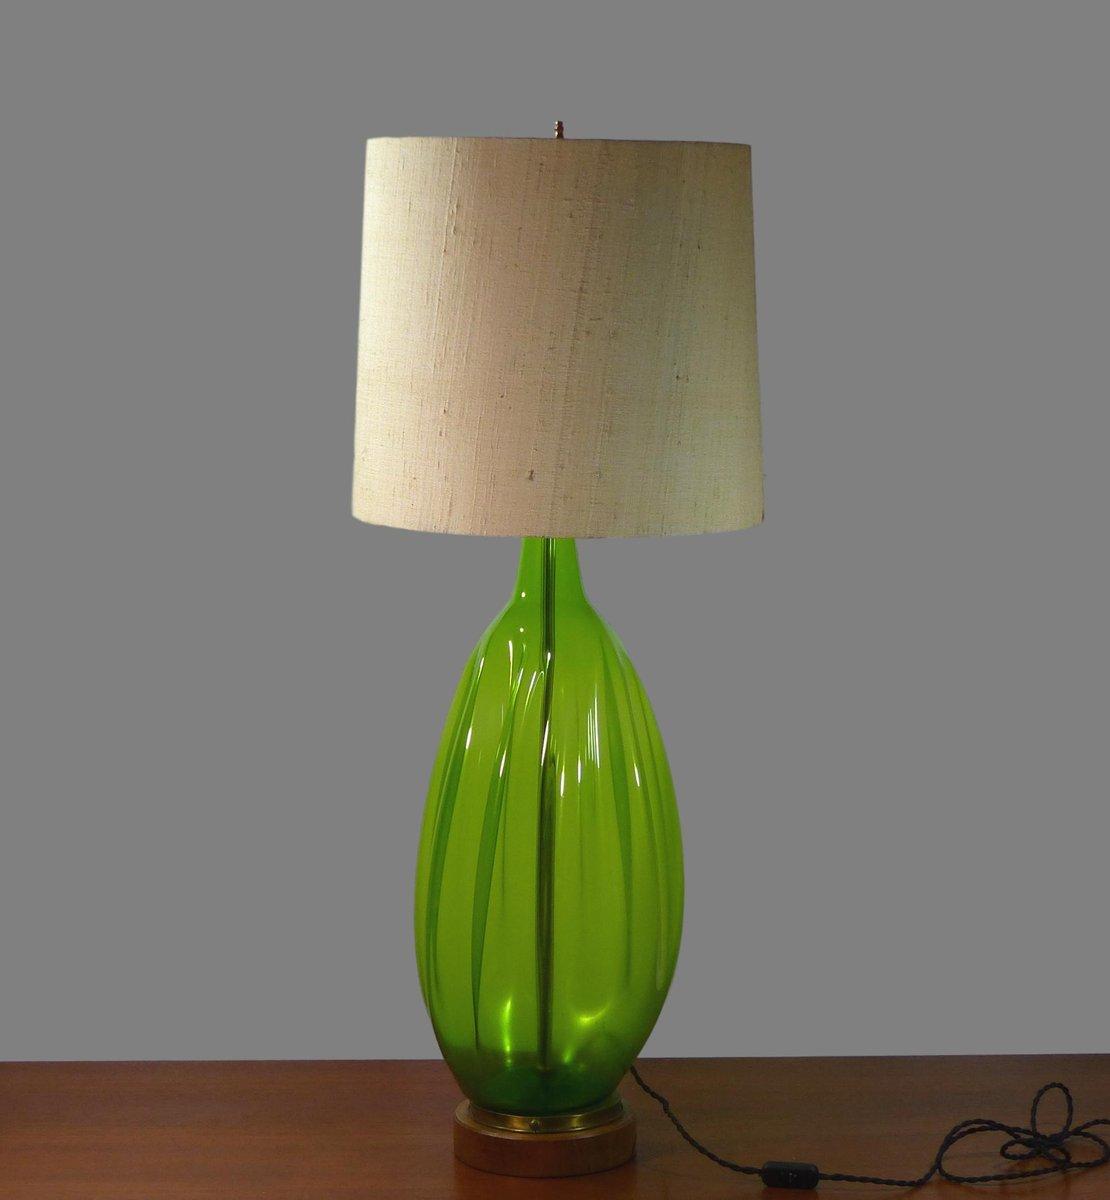 Große mundgeblasene vintage Glas Tischlampe von Blenko